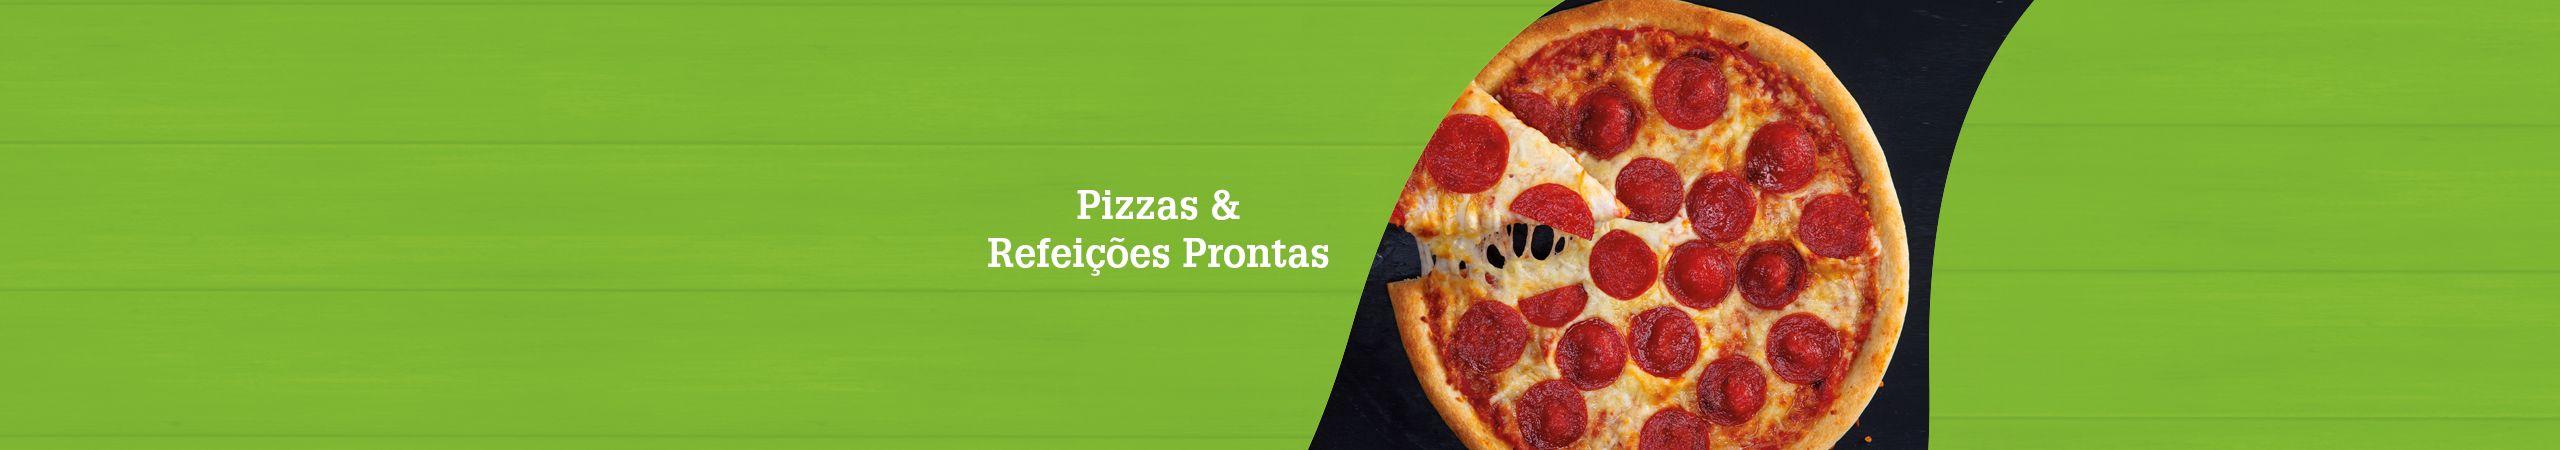 Pizzas e Refeições Prontas Iglo